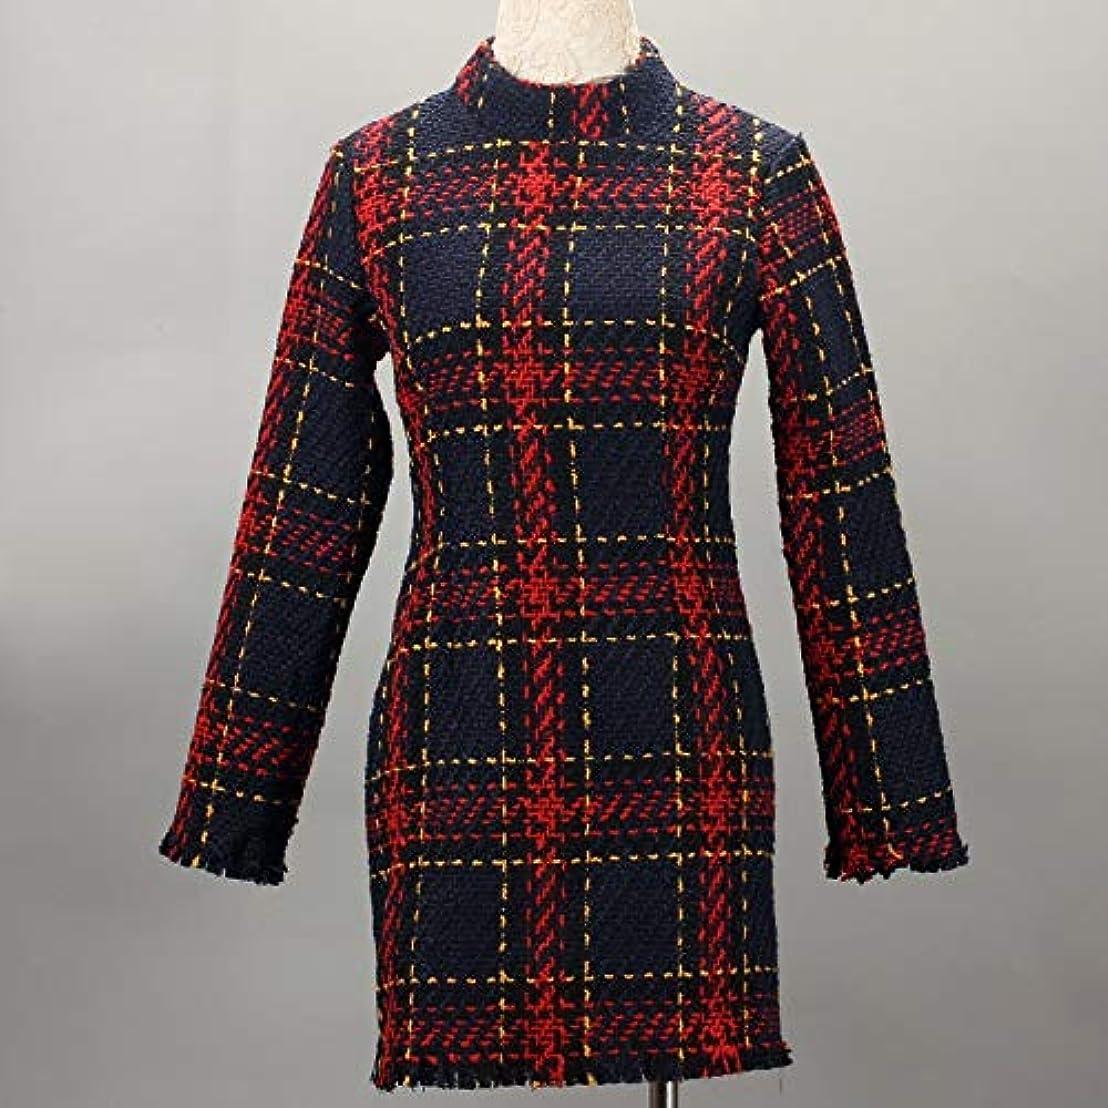 申し立てる確率認証Onderroa - ファッション冬のドレスの女性は、ストライプ長袖スリムスキニーセクシーなミニボディコンヴィンテージvestidosドレスの女性を印刷PLAID